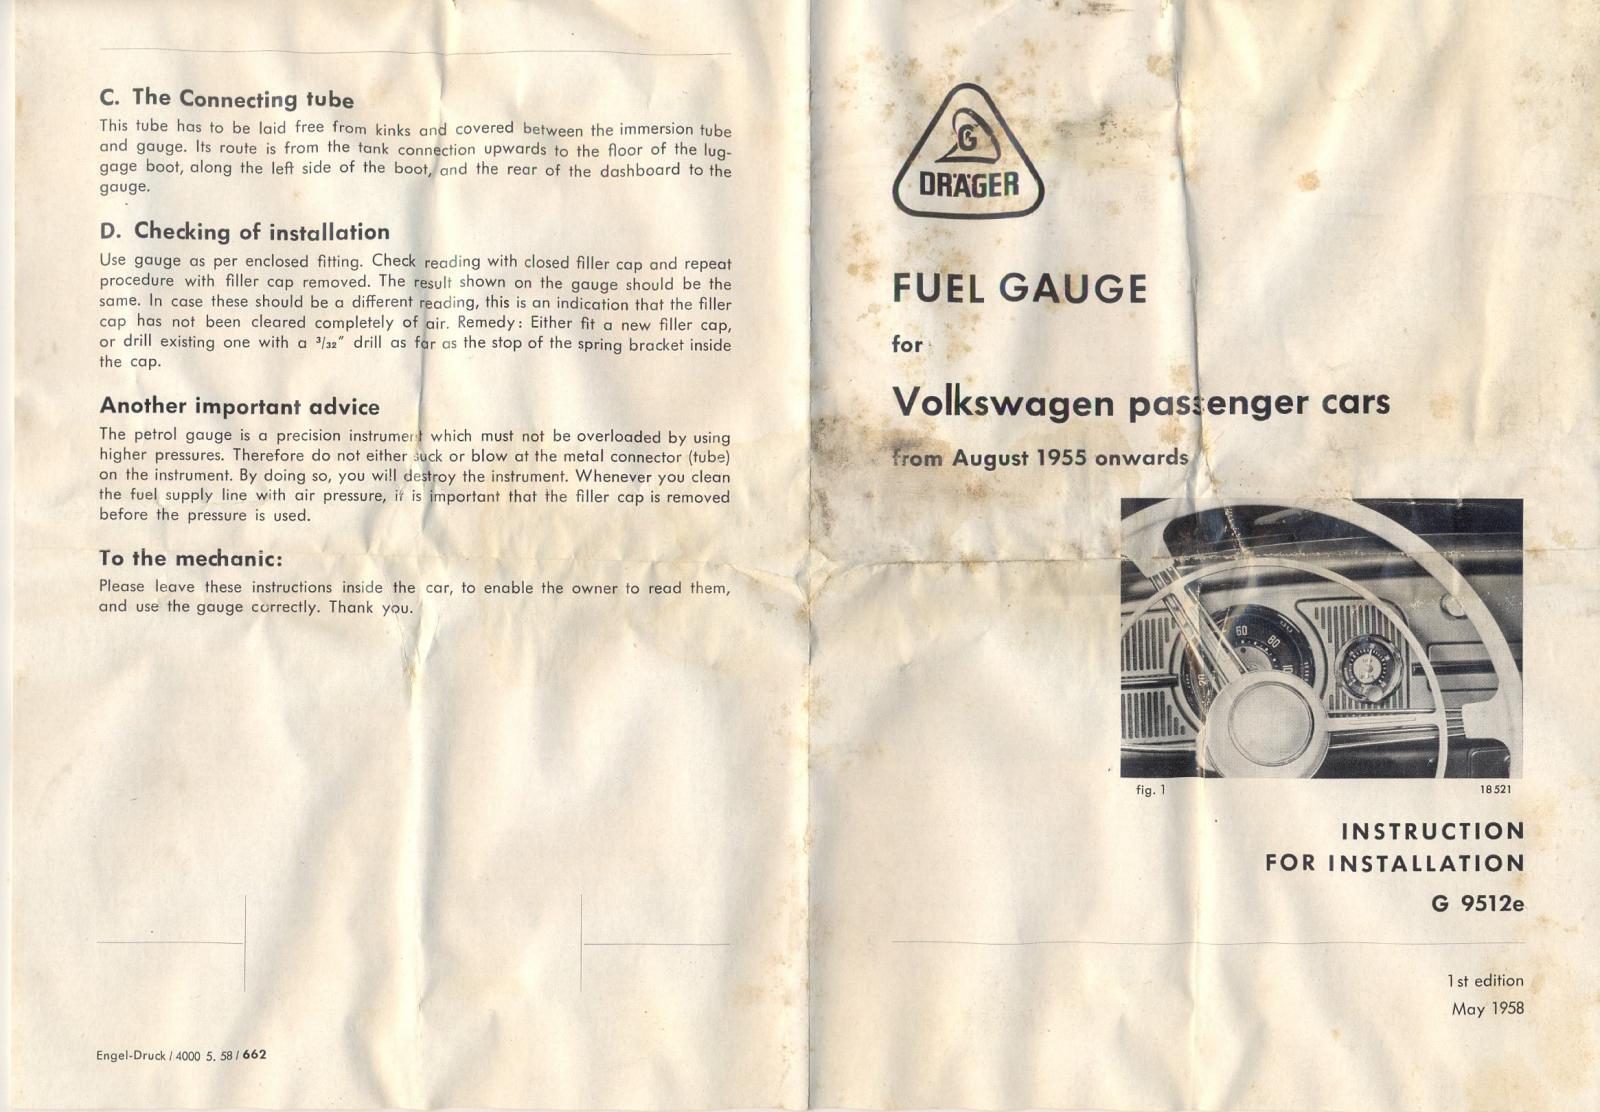 VW drager fuel gauge